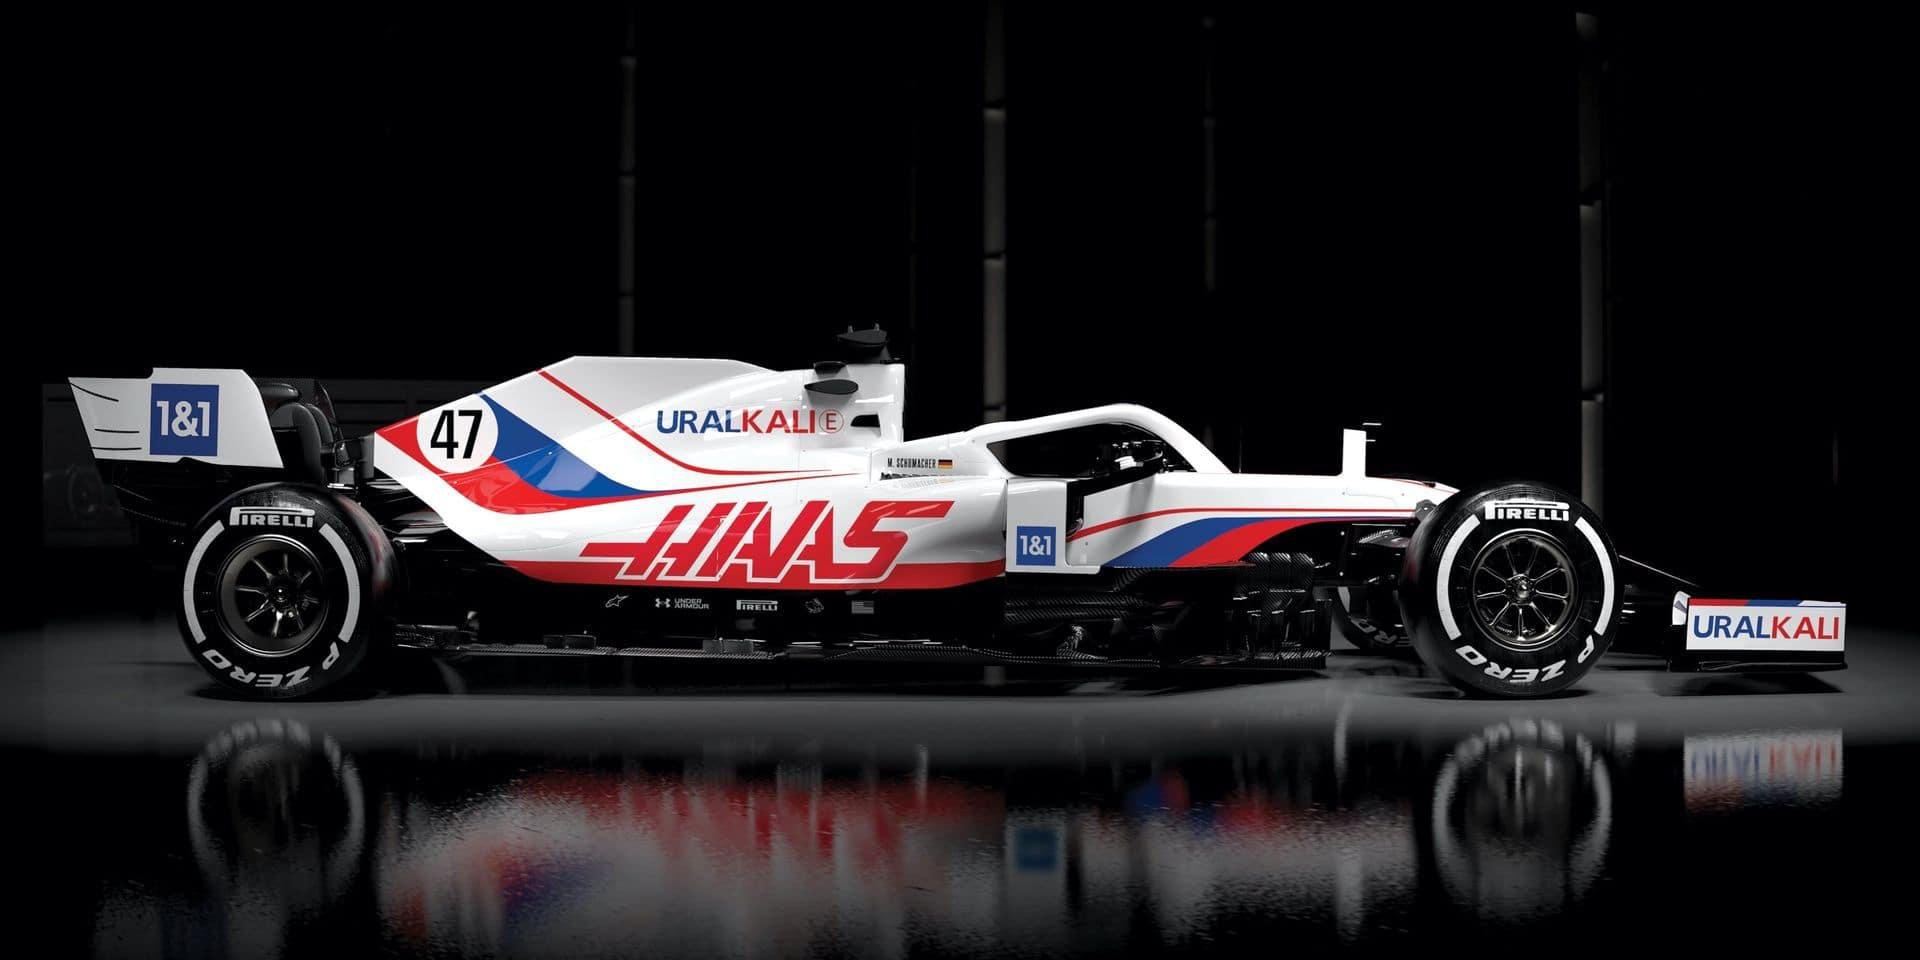 Haas présente la livrée très russe de sa nouvelle VF-21